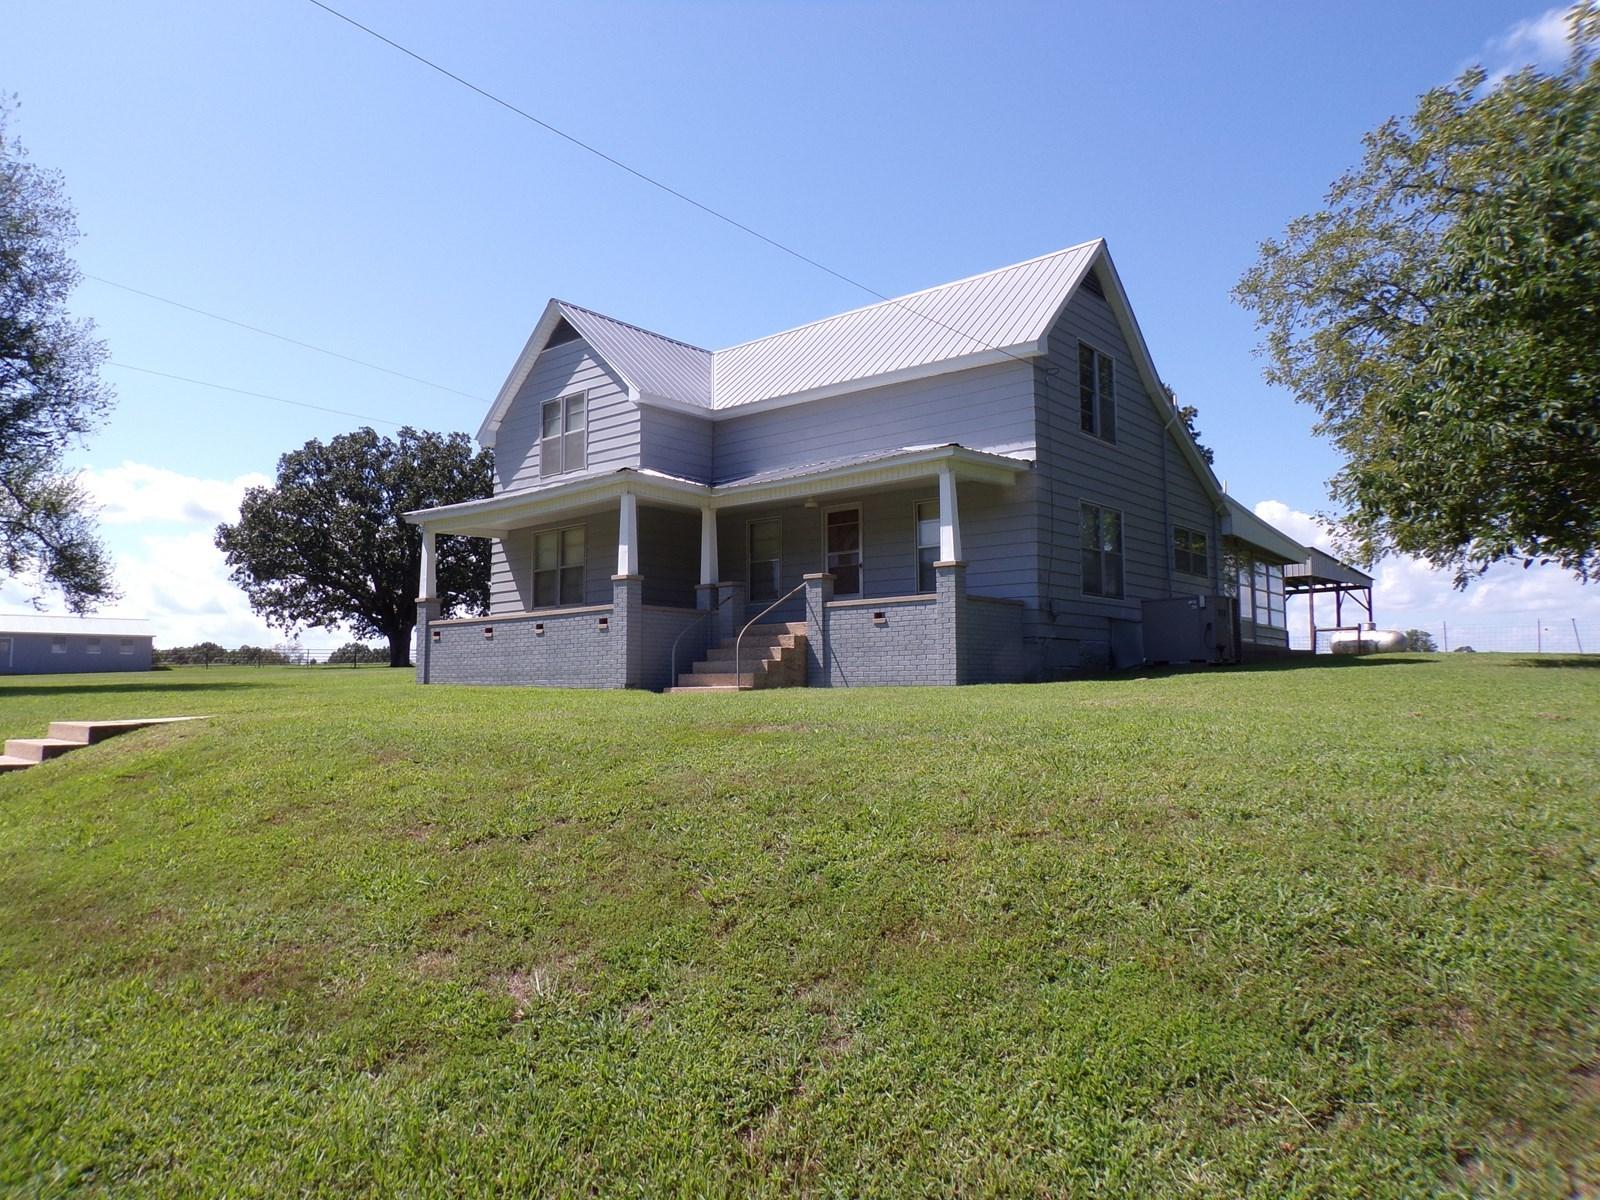 Country Farmhouse On 43 Acres For Sale Near MarshallArkansas